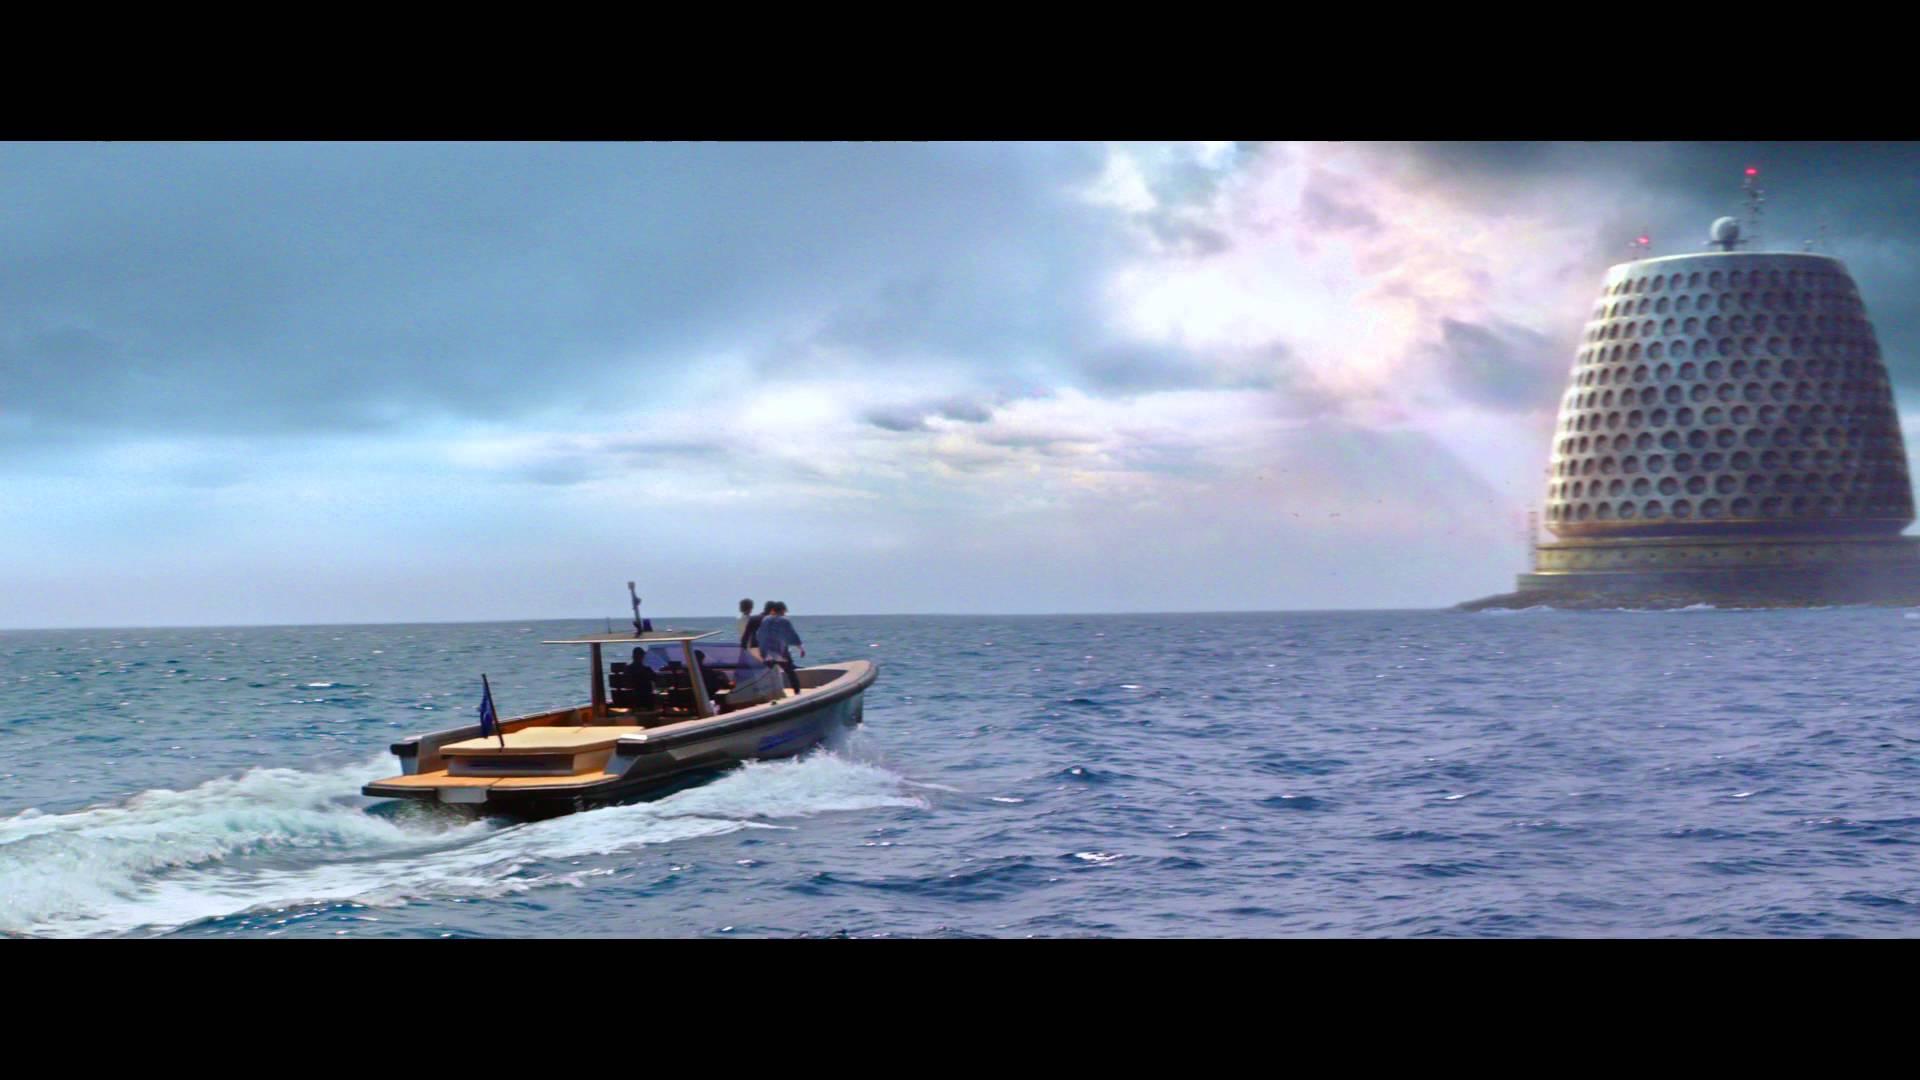 Zoolander 2 | Trailer: Relax